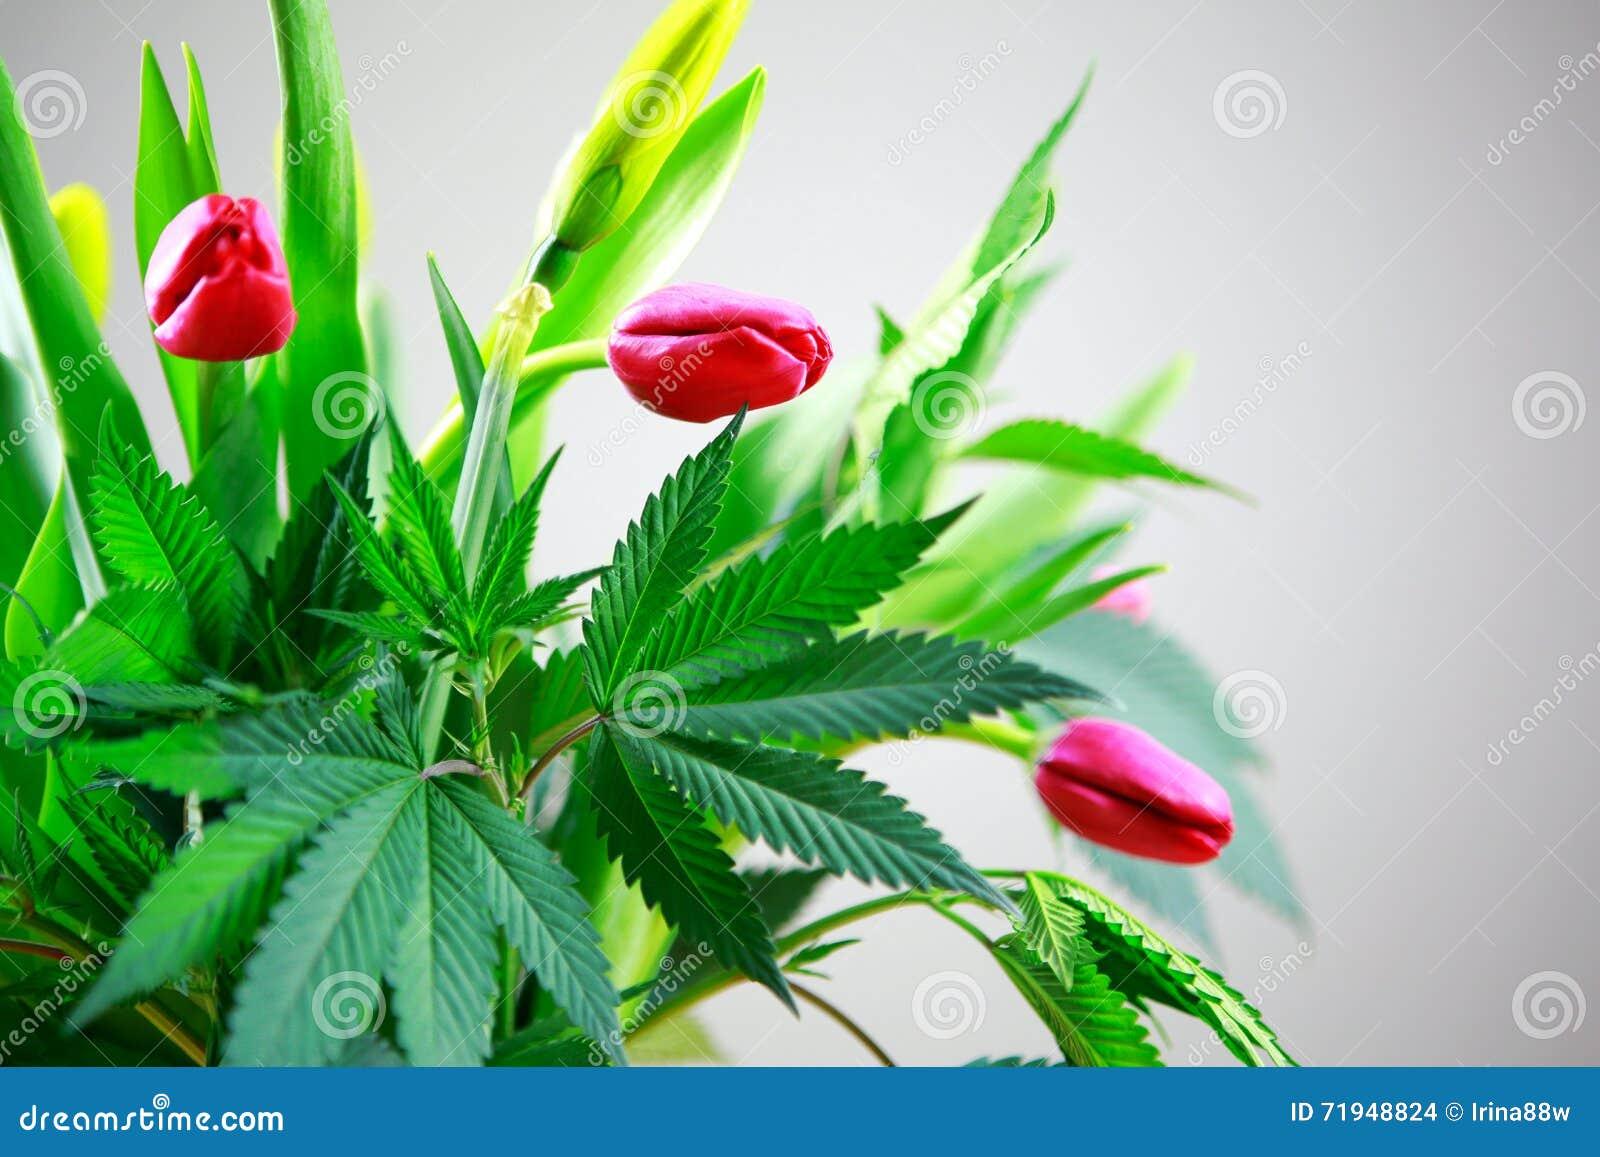 Feuilles fraîches vertes de marijuana grandes (cannabis), usine de chanvre dans un n